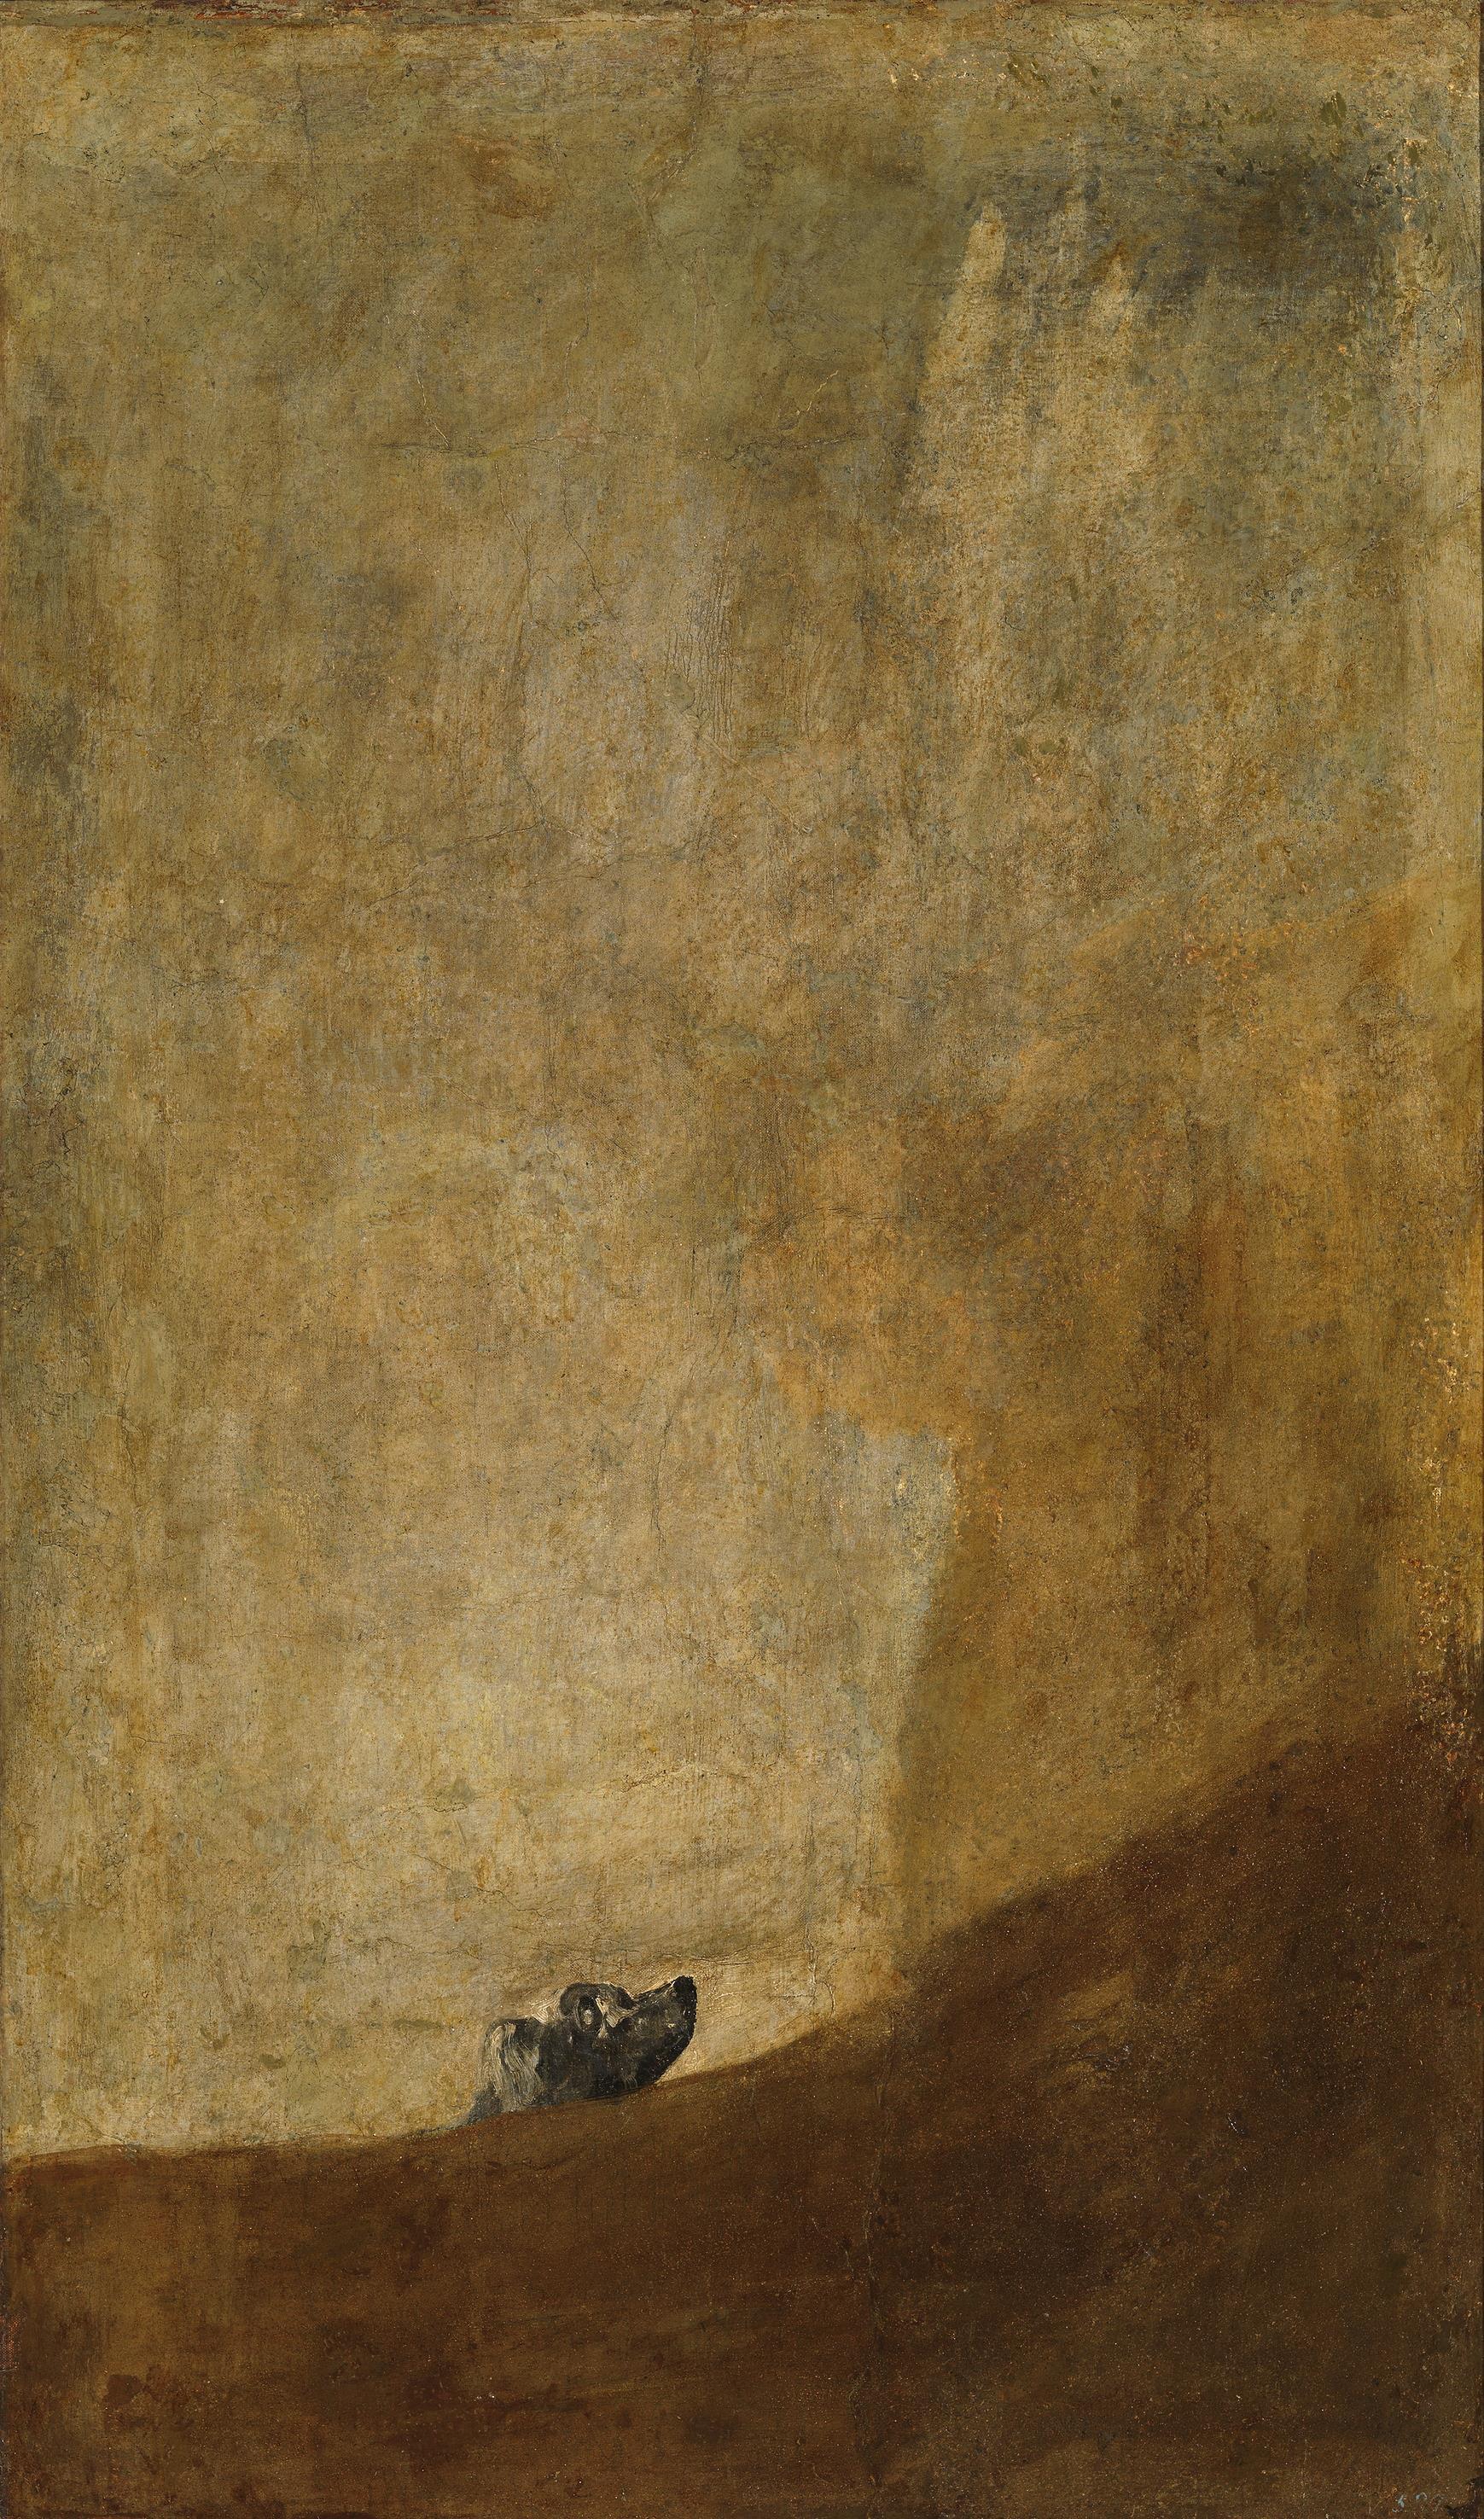 Francisco Goya - The Dog